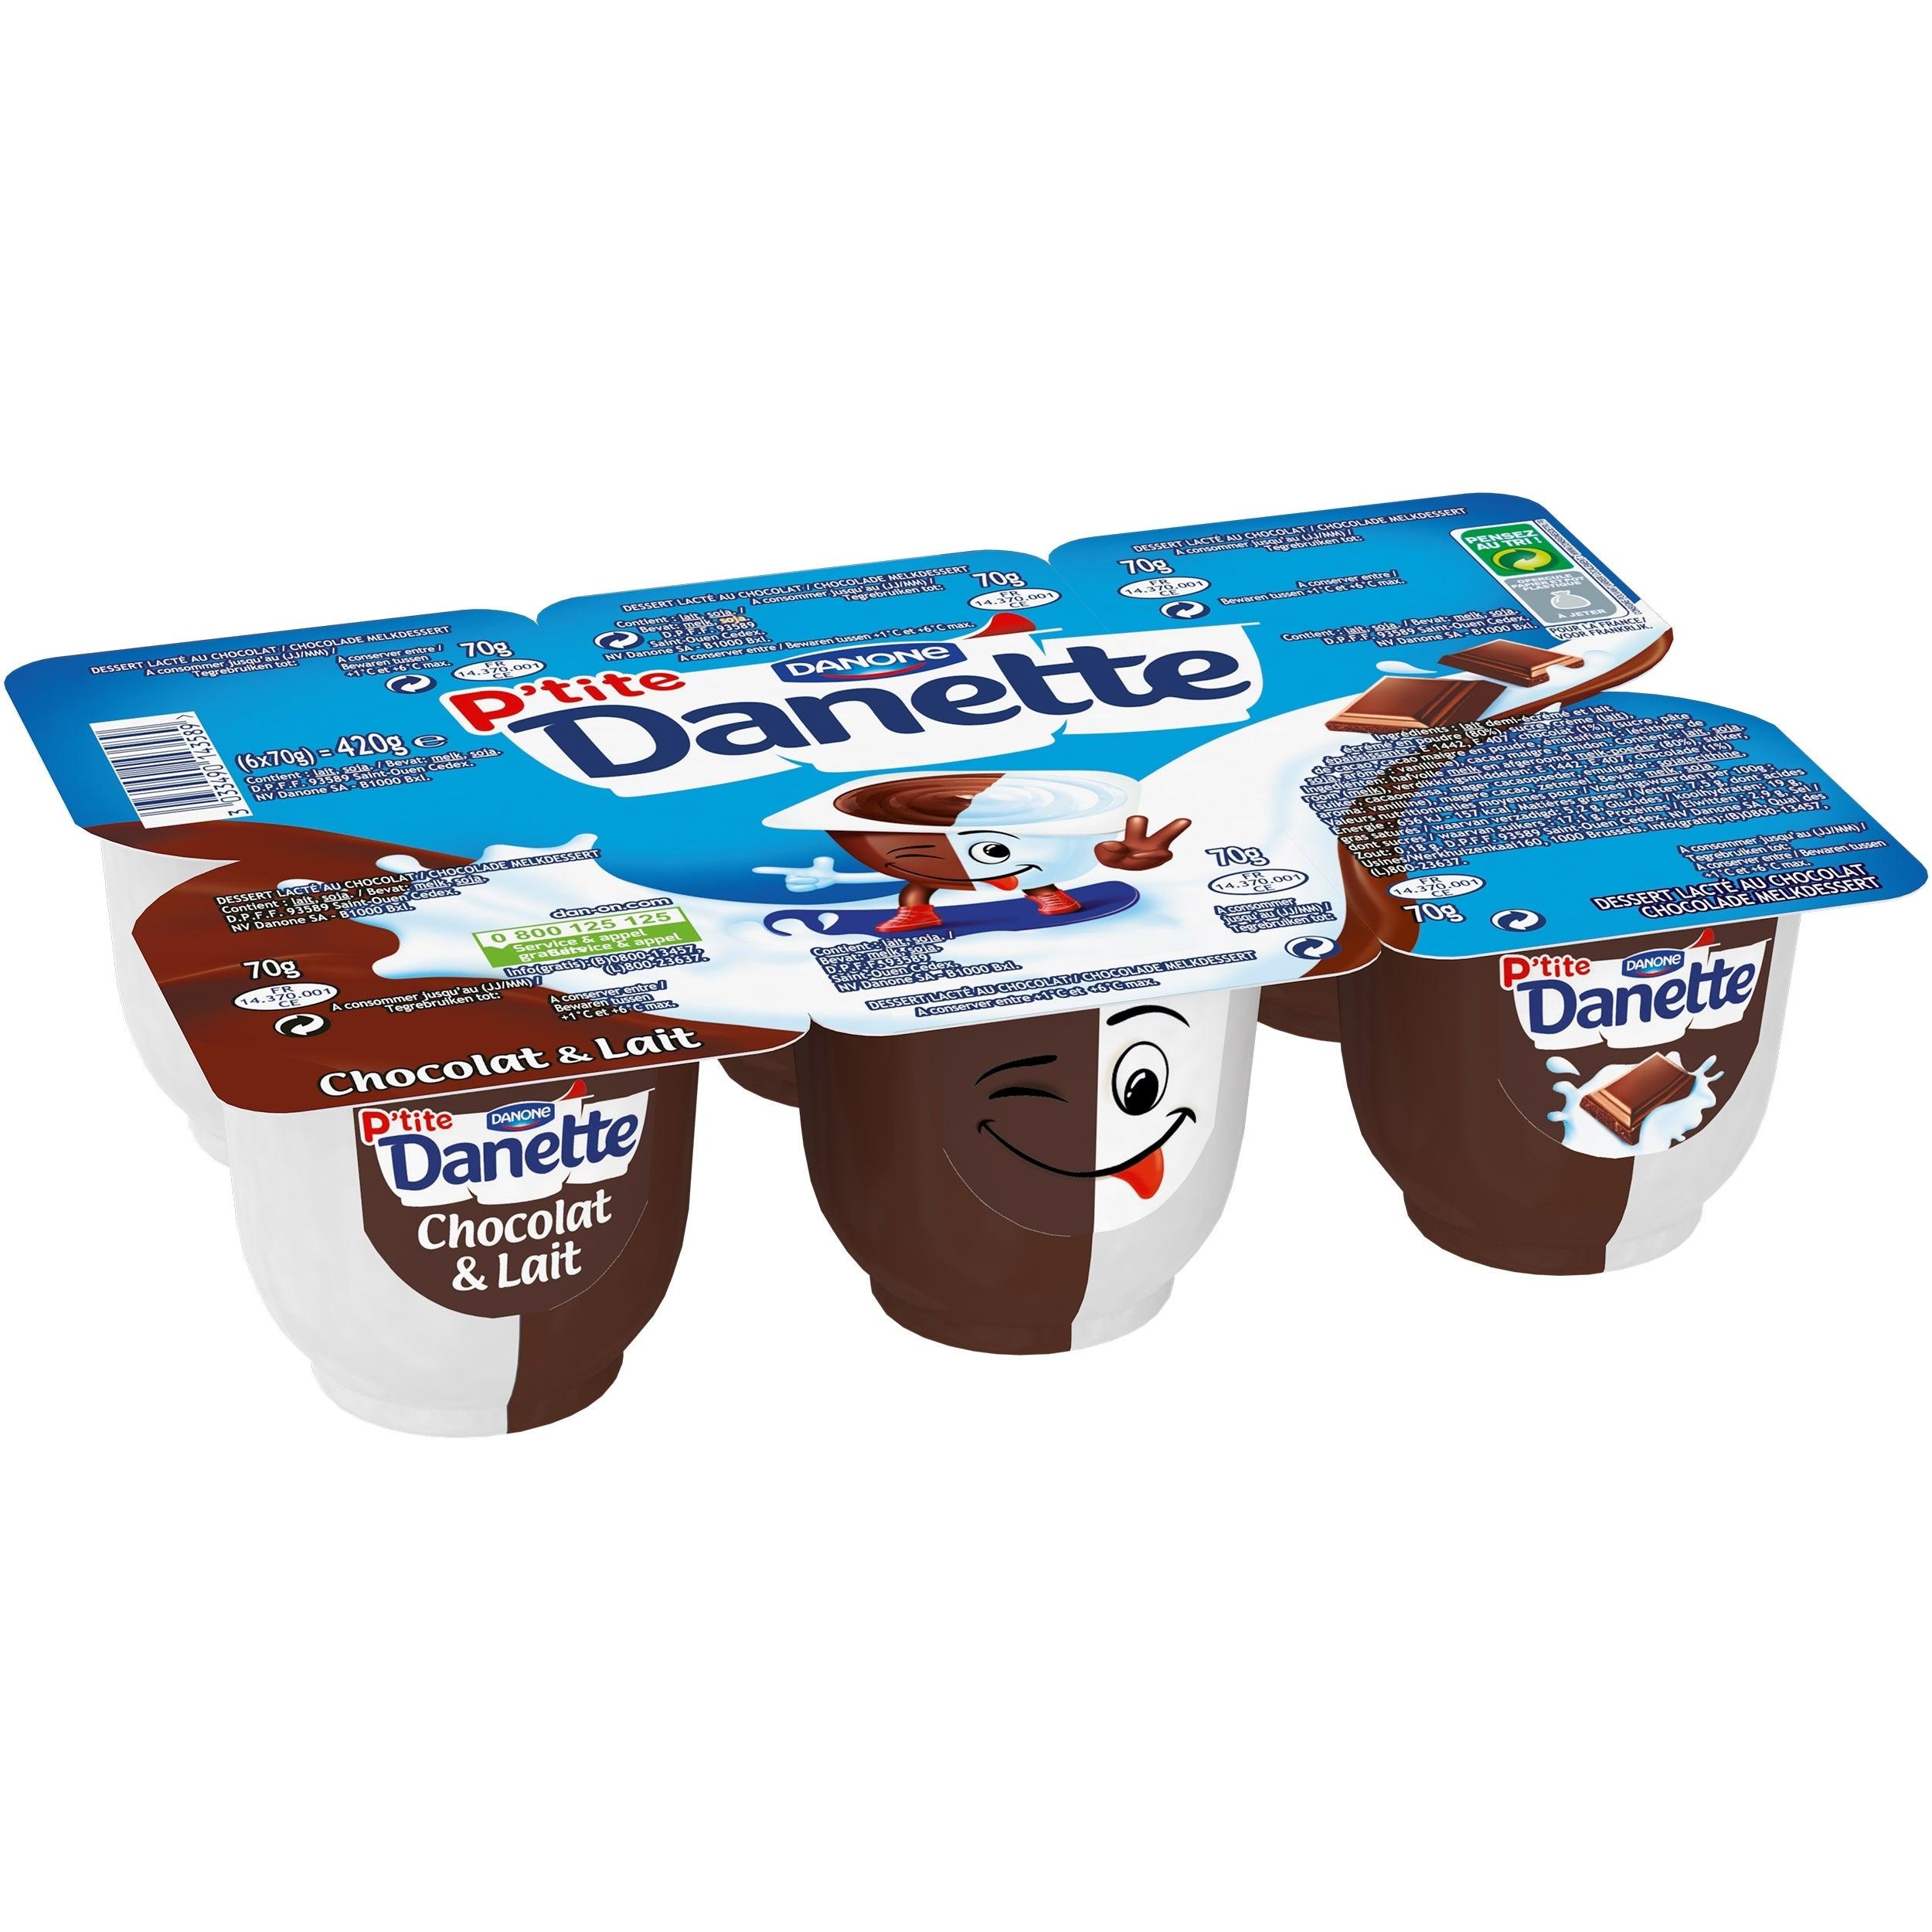 P'tite Danette Chocolat & Lait 6x70g